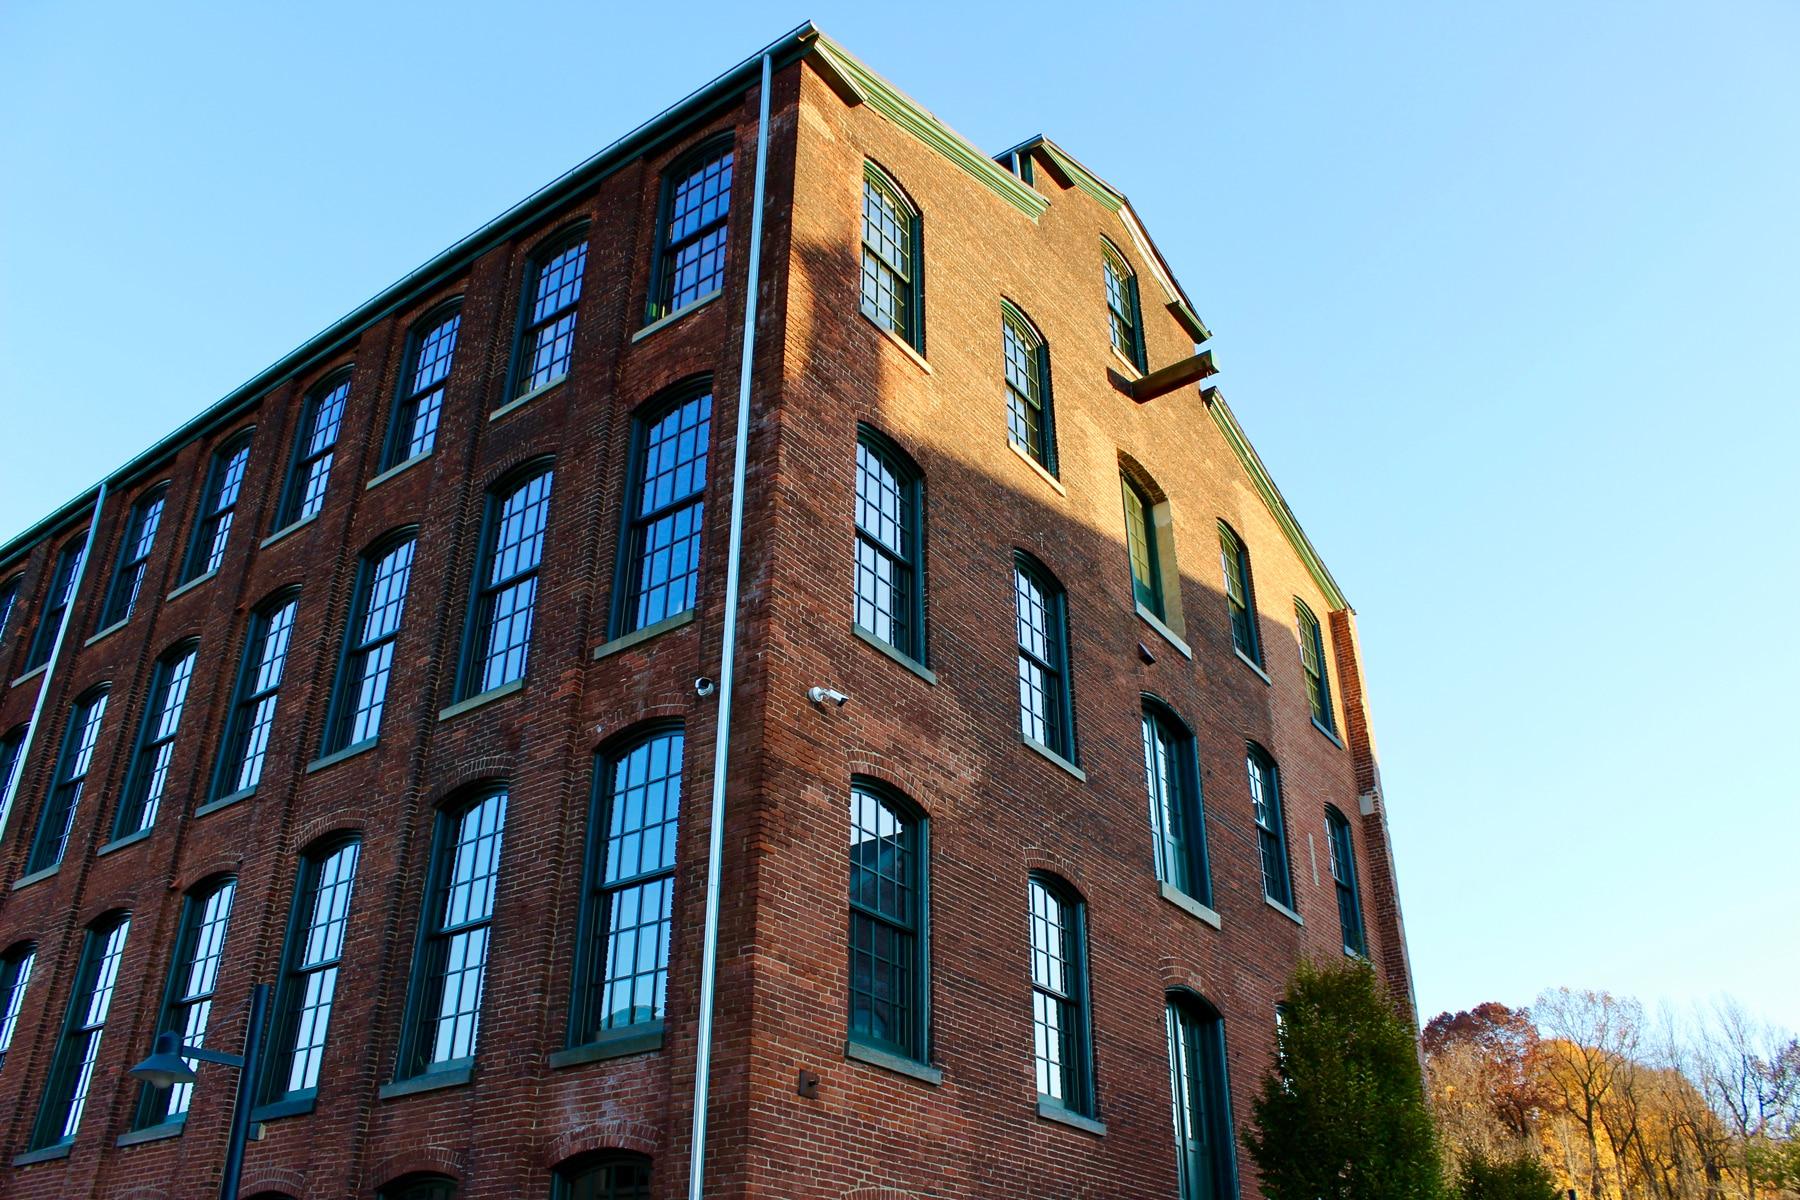 Simon Silk Mill